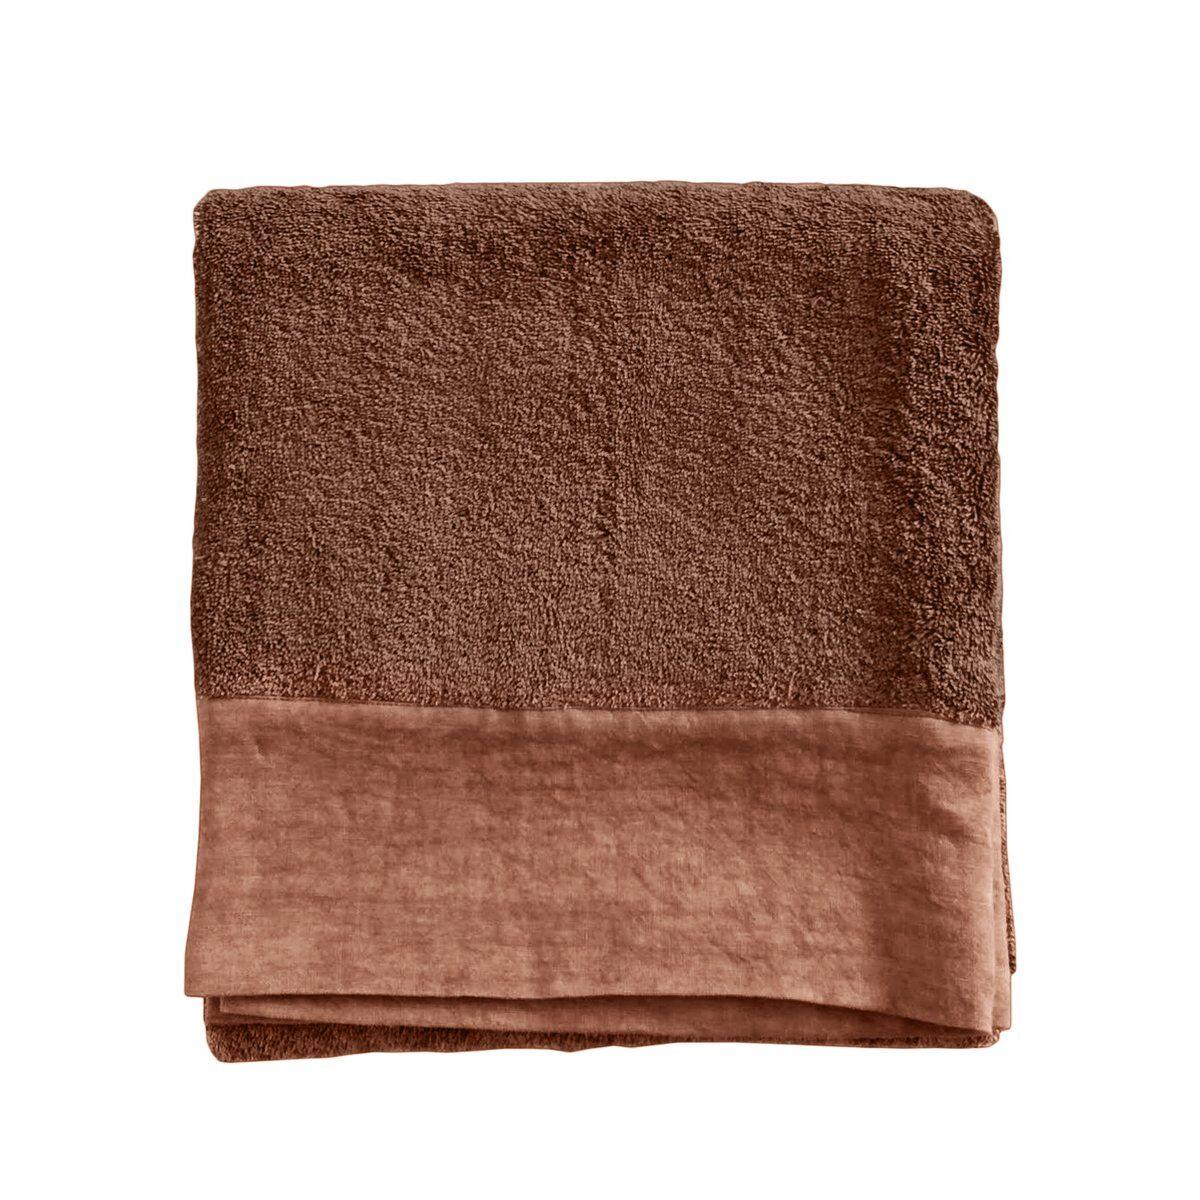 Lo de Manuela Serviette de toilette finition lin lavé terre cuite 70x140